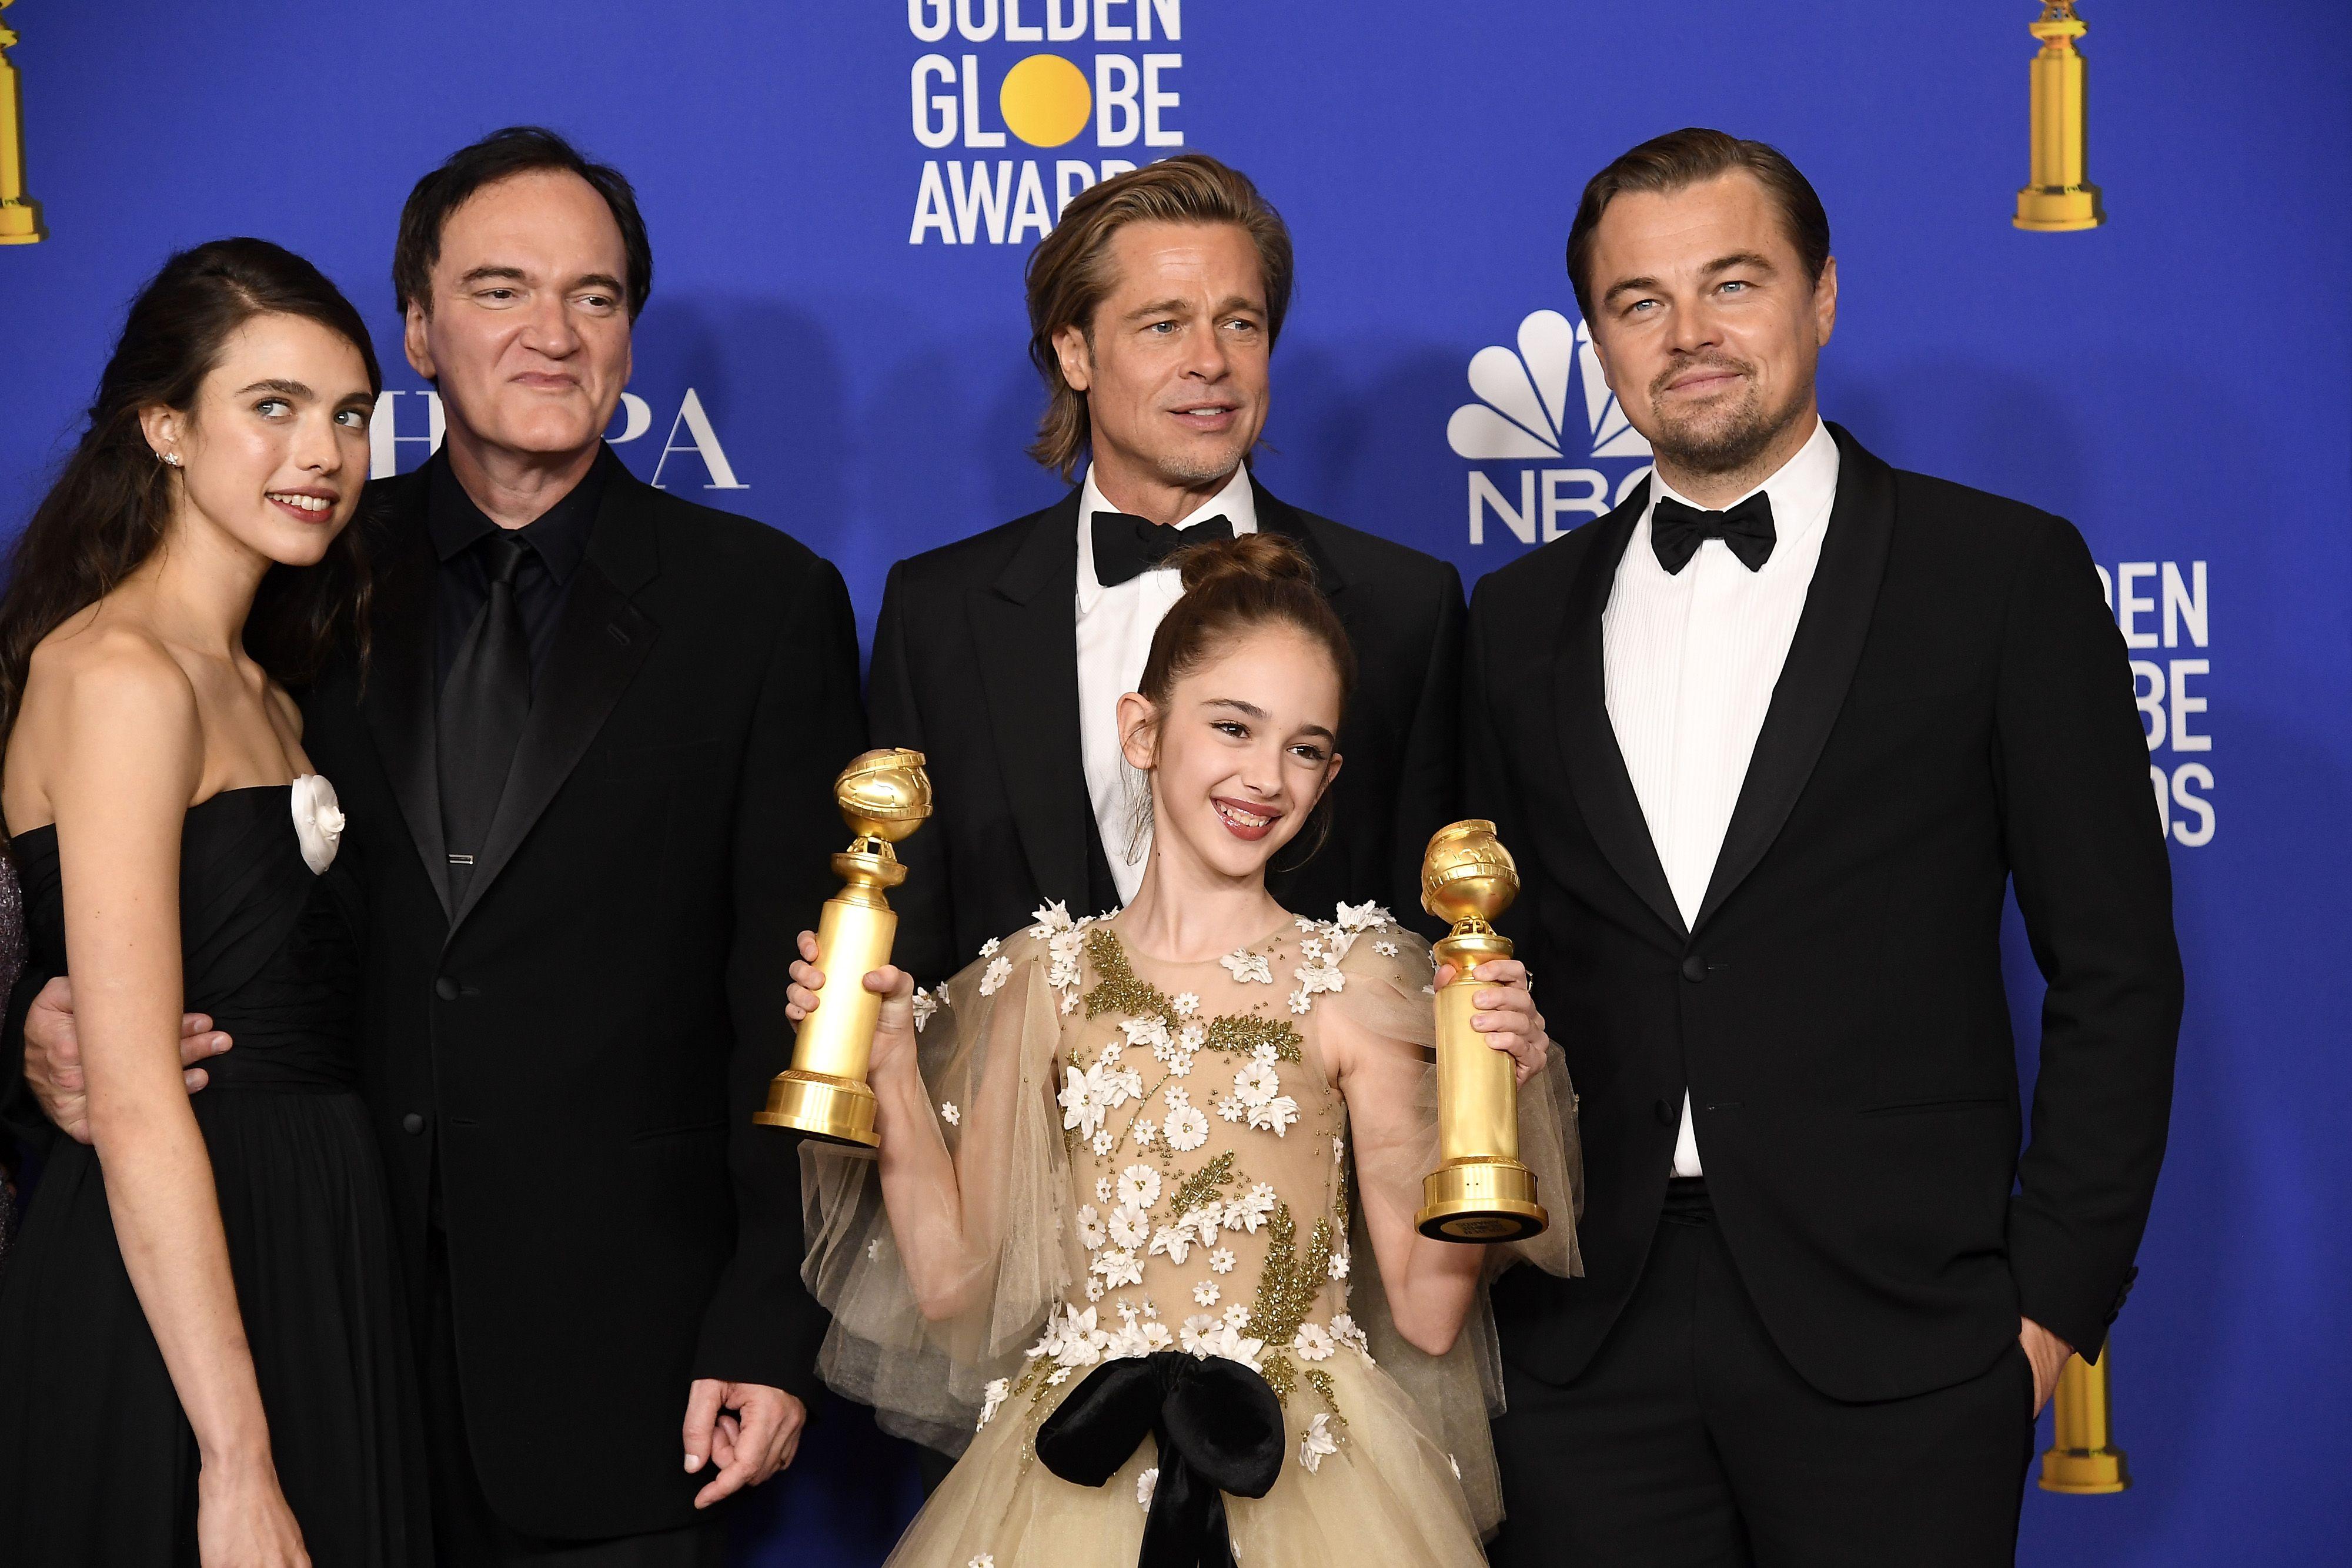 Quentin Tarantino - Érase una vez en Hollywood golden globes